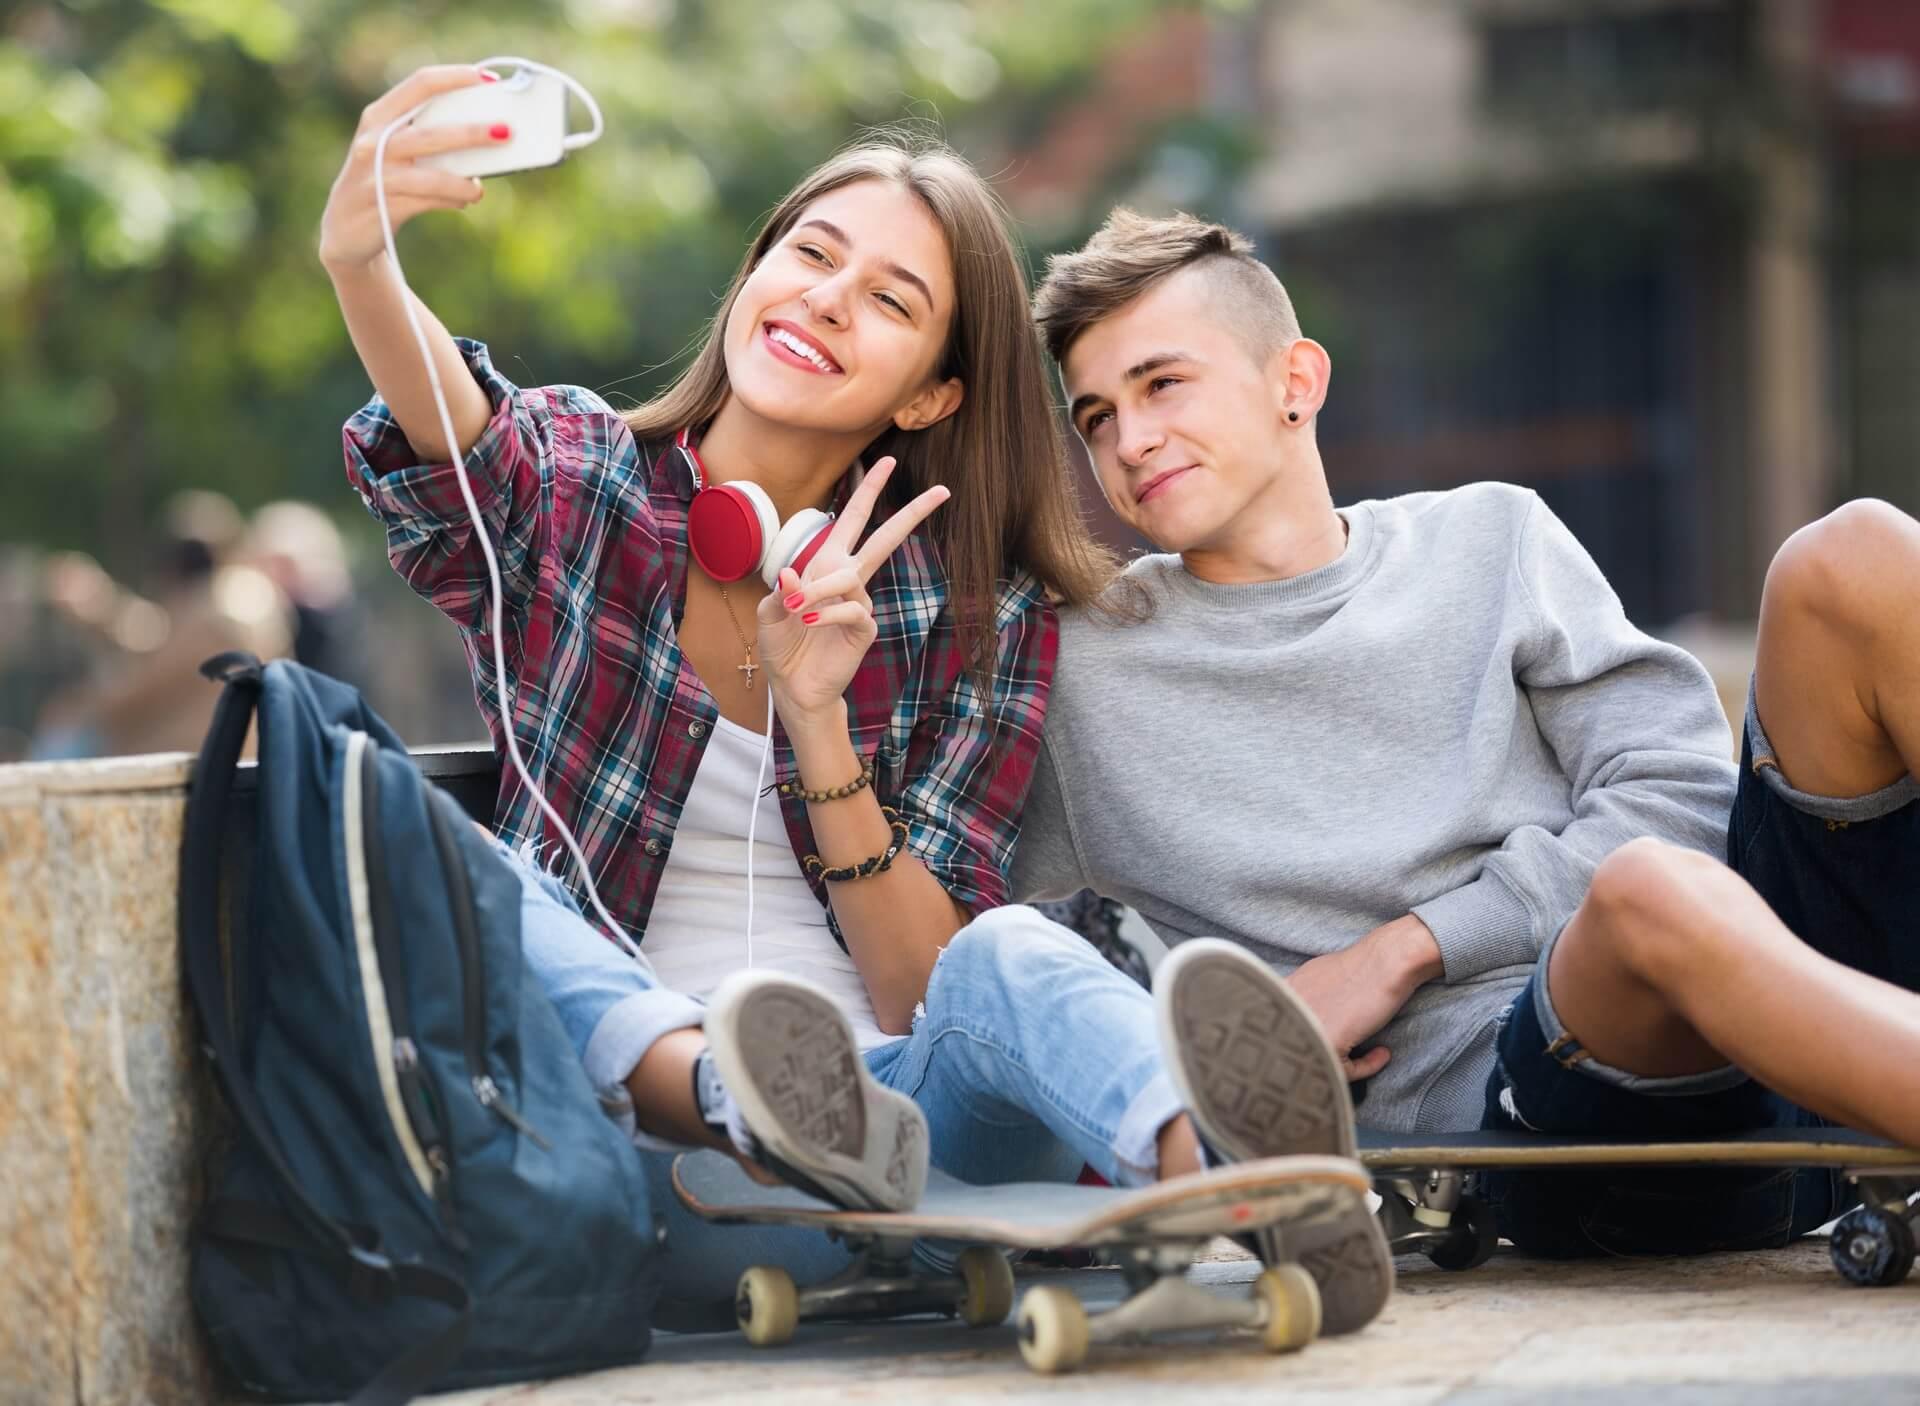 Najstniki so bili prikrajšani za primarno socializacijo